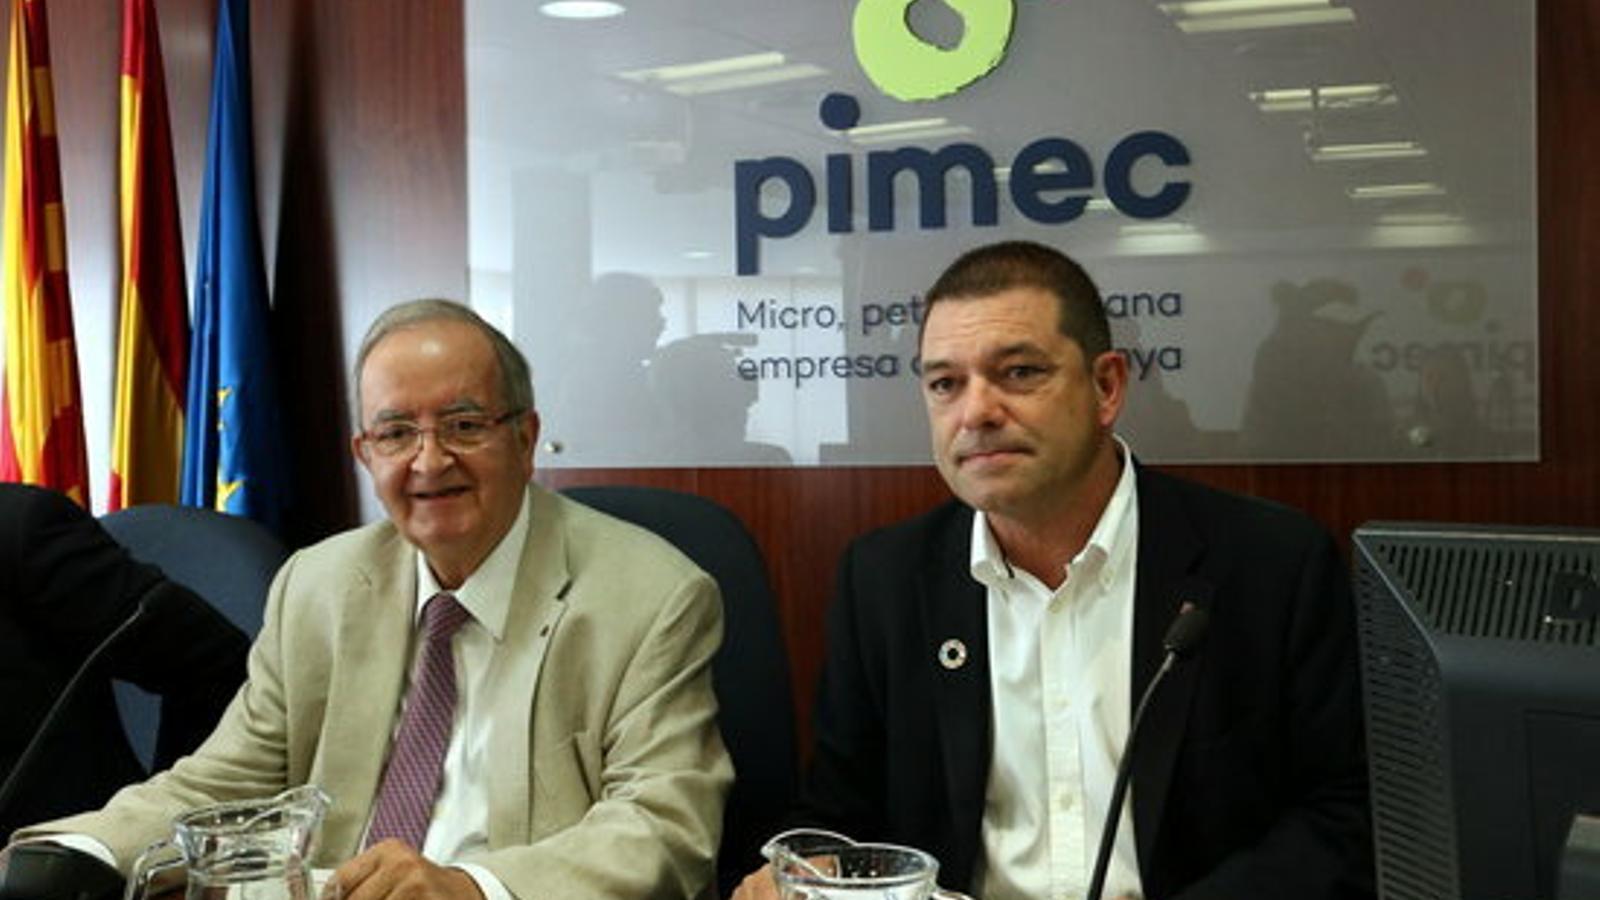 El president de la Pimec, Josep González, i el secretari d'Economia, Joaquim Ferrer.